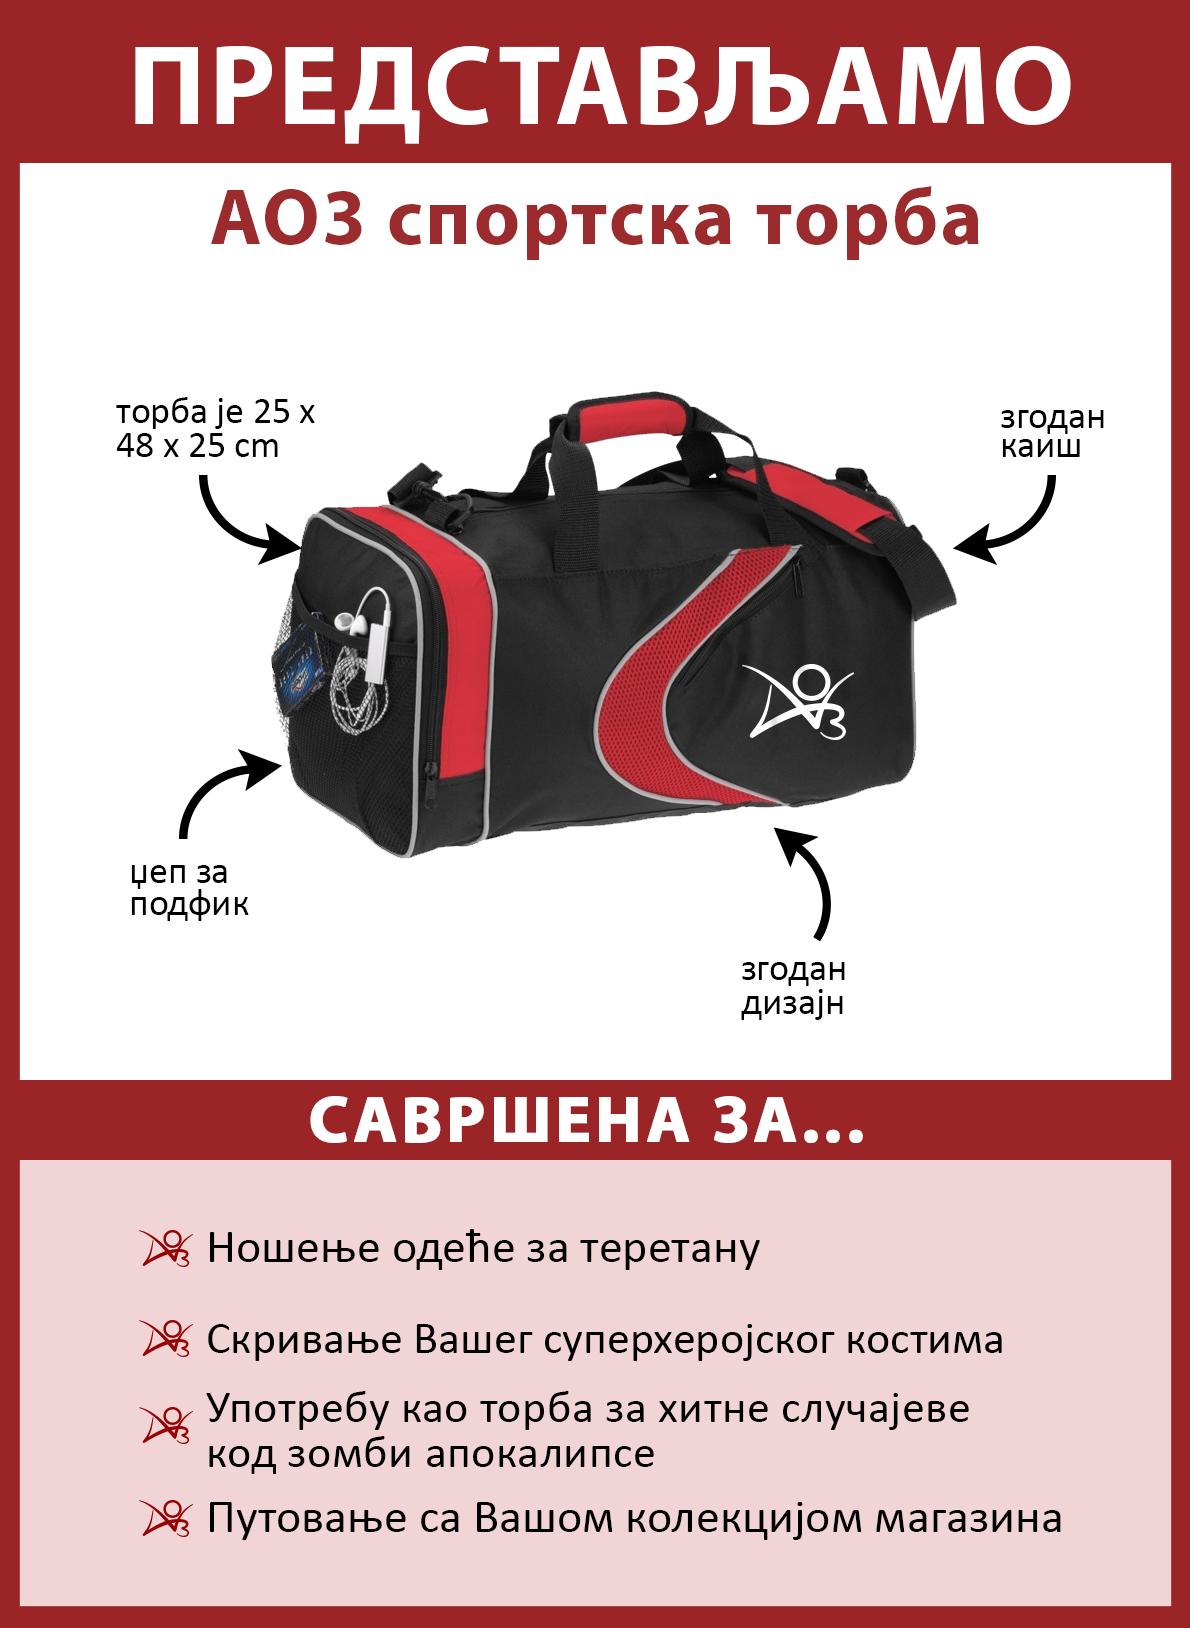 Представљамо АО3 спортску торбу. Торба је црна са црвеним акцентима, са црвеном спиралом и белим АО3 логоом са стране. Димензије су 25 x 48 x 25 центиметара. Има згодан каиш за раме и мрежасти џеп са стране идеалан за складиштење подфика. Савршена је за ношење одеће за теретану, скривање Вашег суперхеројског костима, употребу као торба за хитне случајеве током зомби апокалипсе и путовање са Вашом колекцијом магазина.